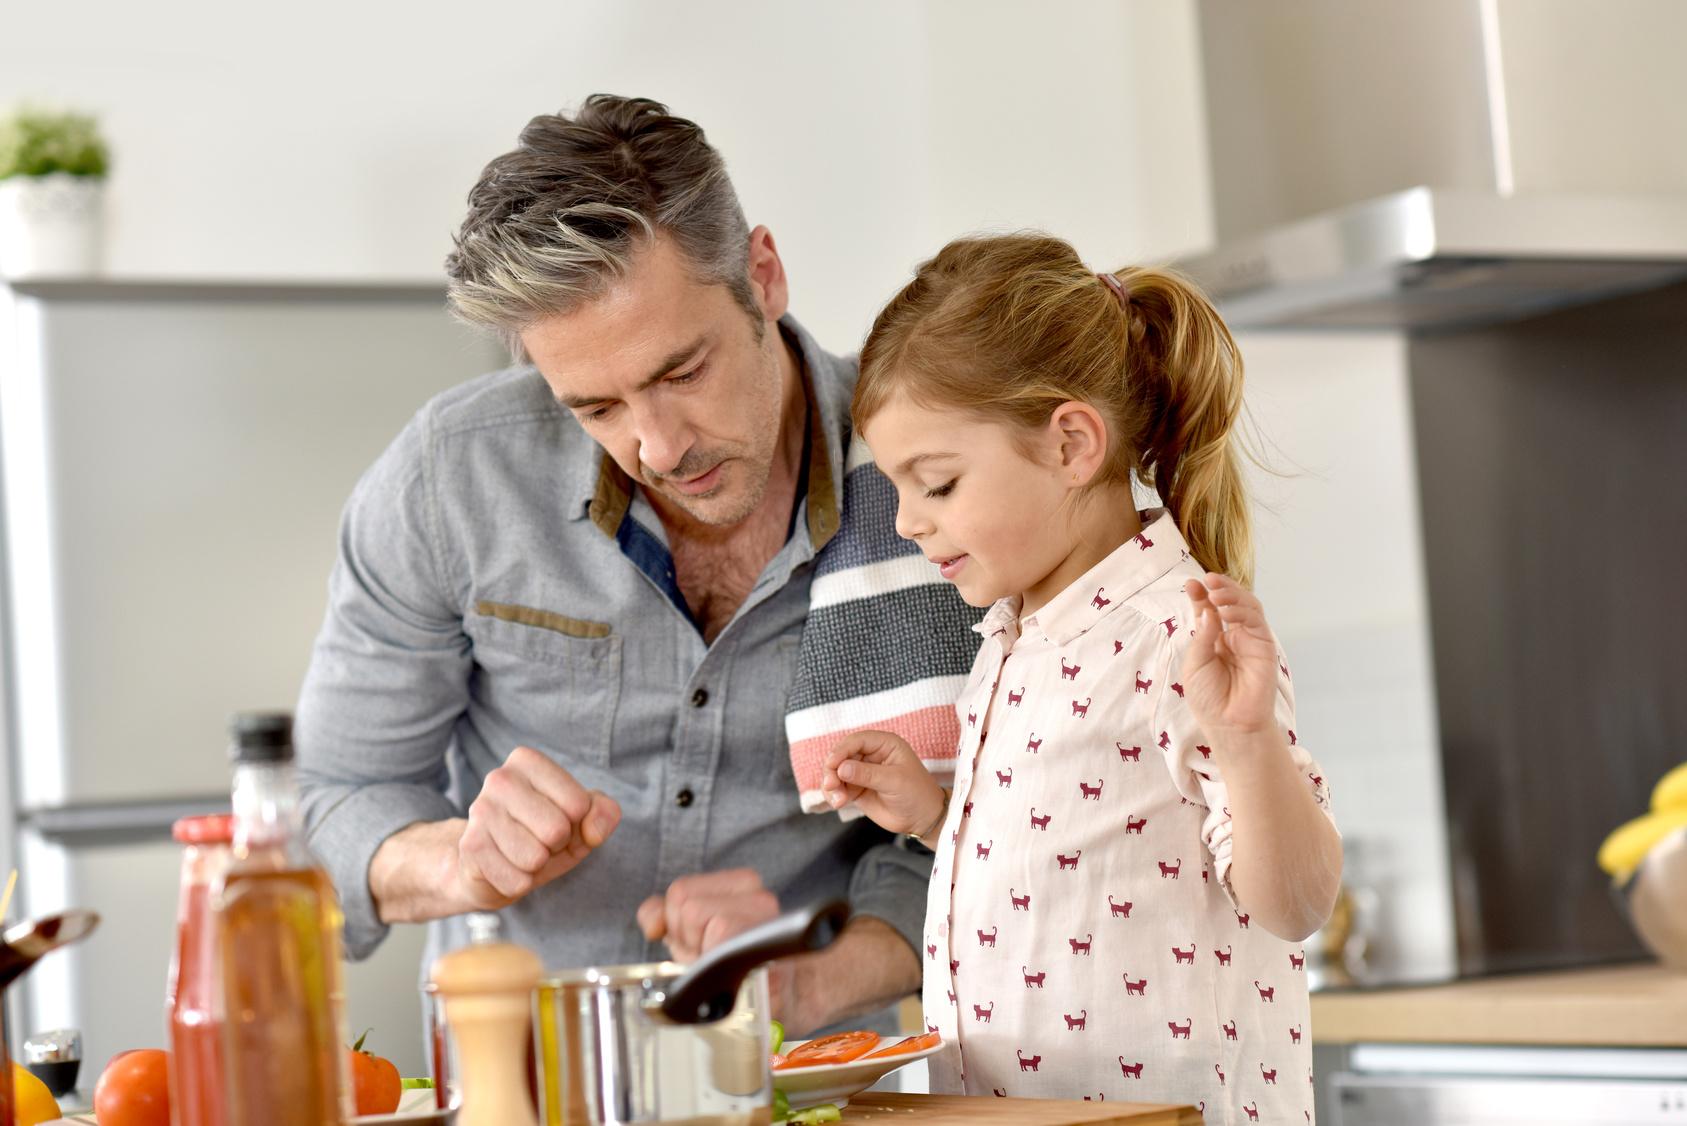 Claves nutricionales para padres: cómo combatir la obesidad infantil